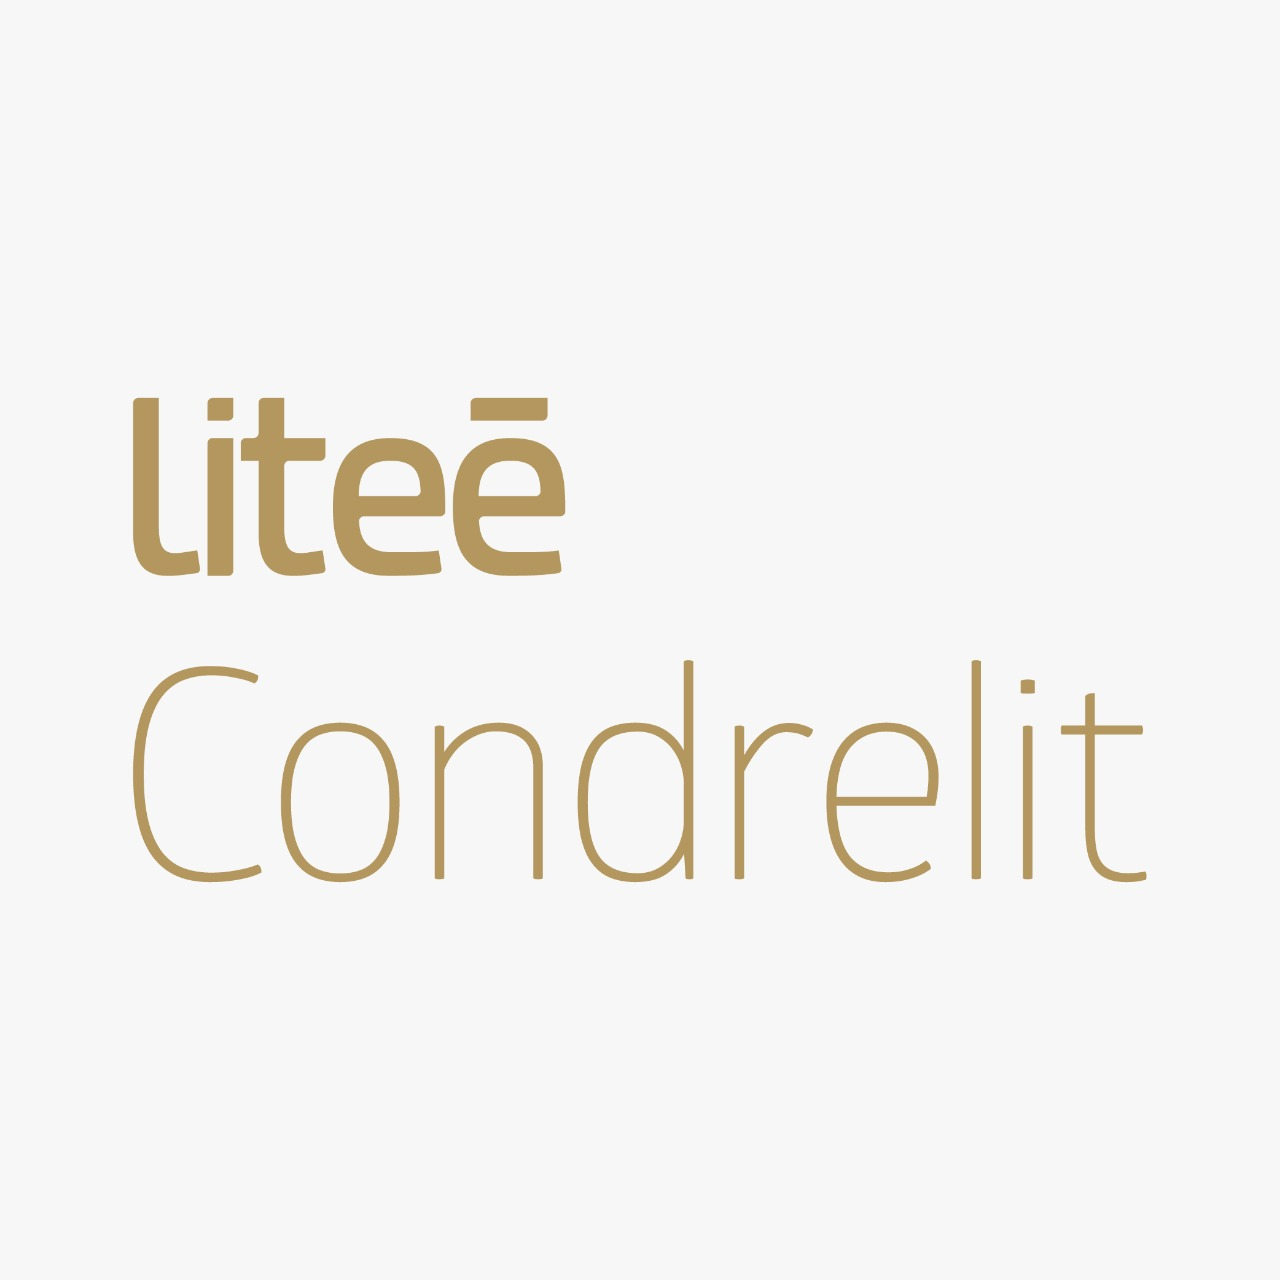 https://www.lojalitee.com.br/saude-bem-estar/condrelit-colageno-tipo-ii-40mg-60-capsulas-gel